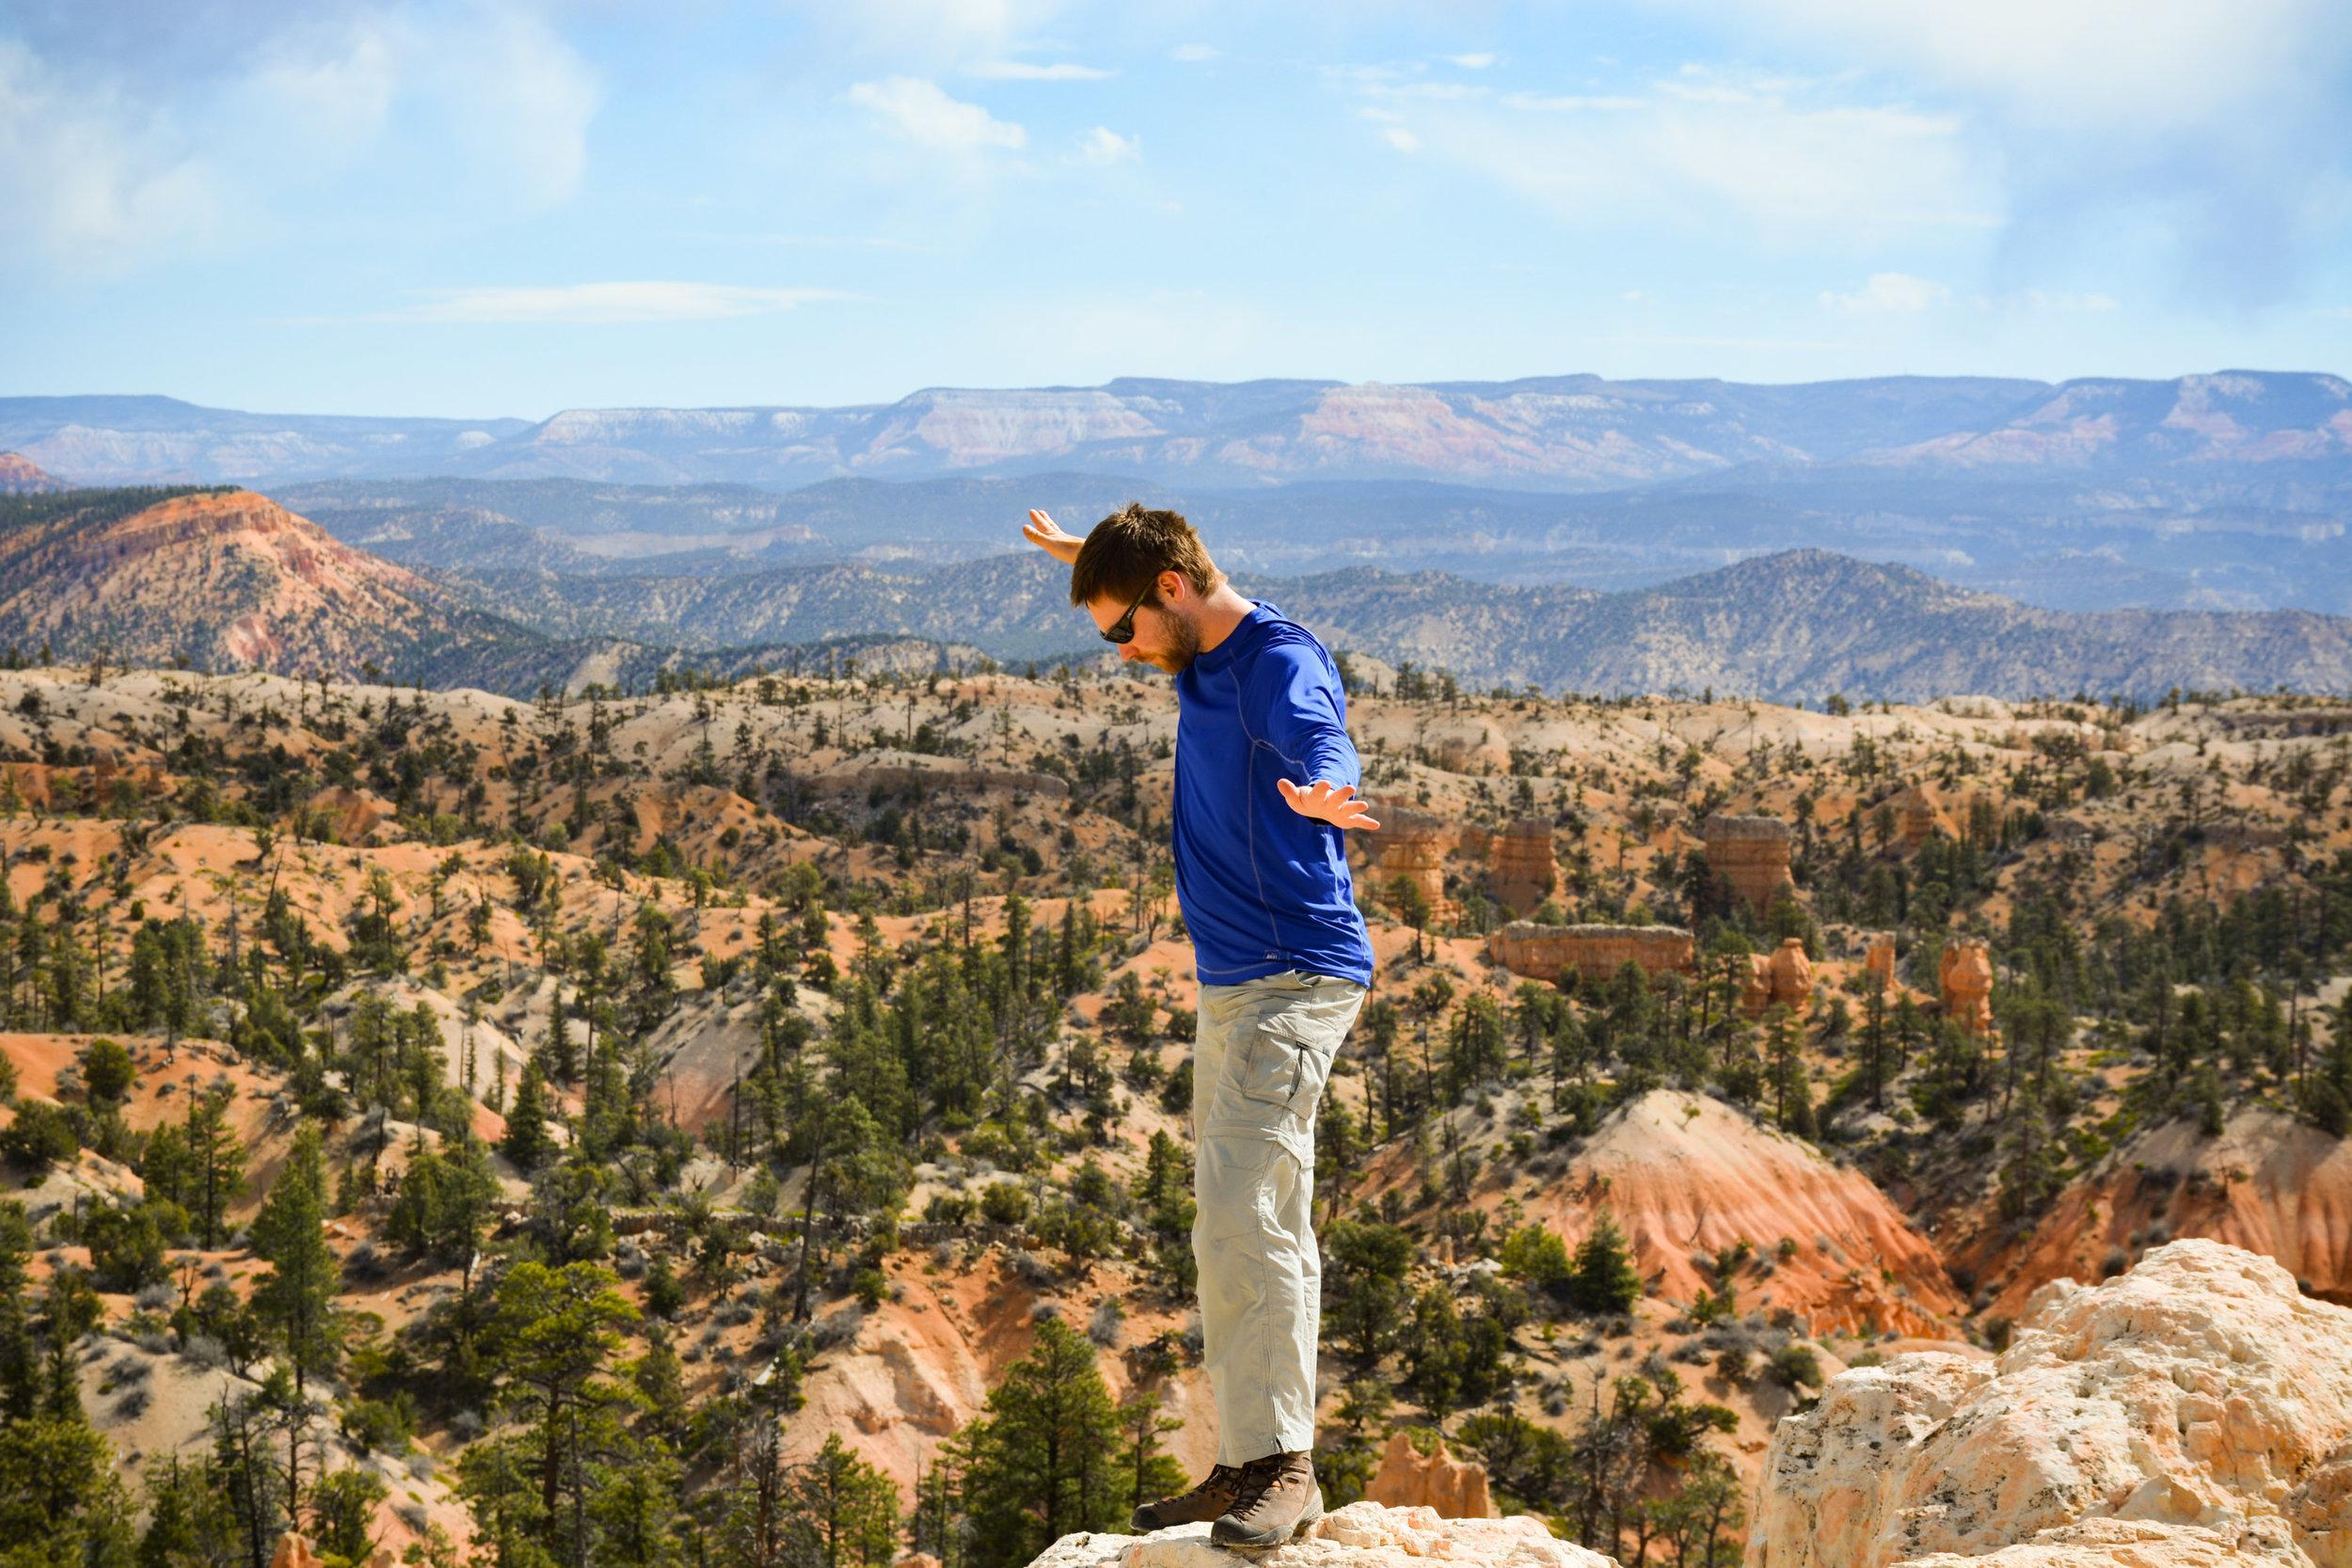 Anton hiking at Bryce Canyon National Park